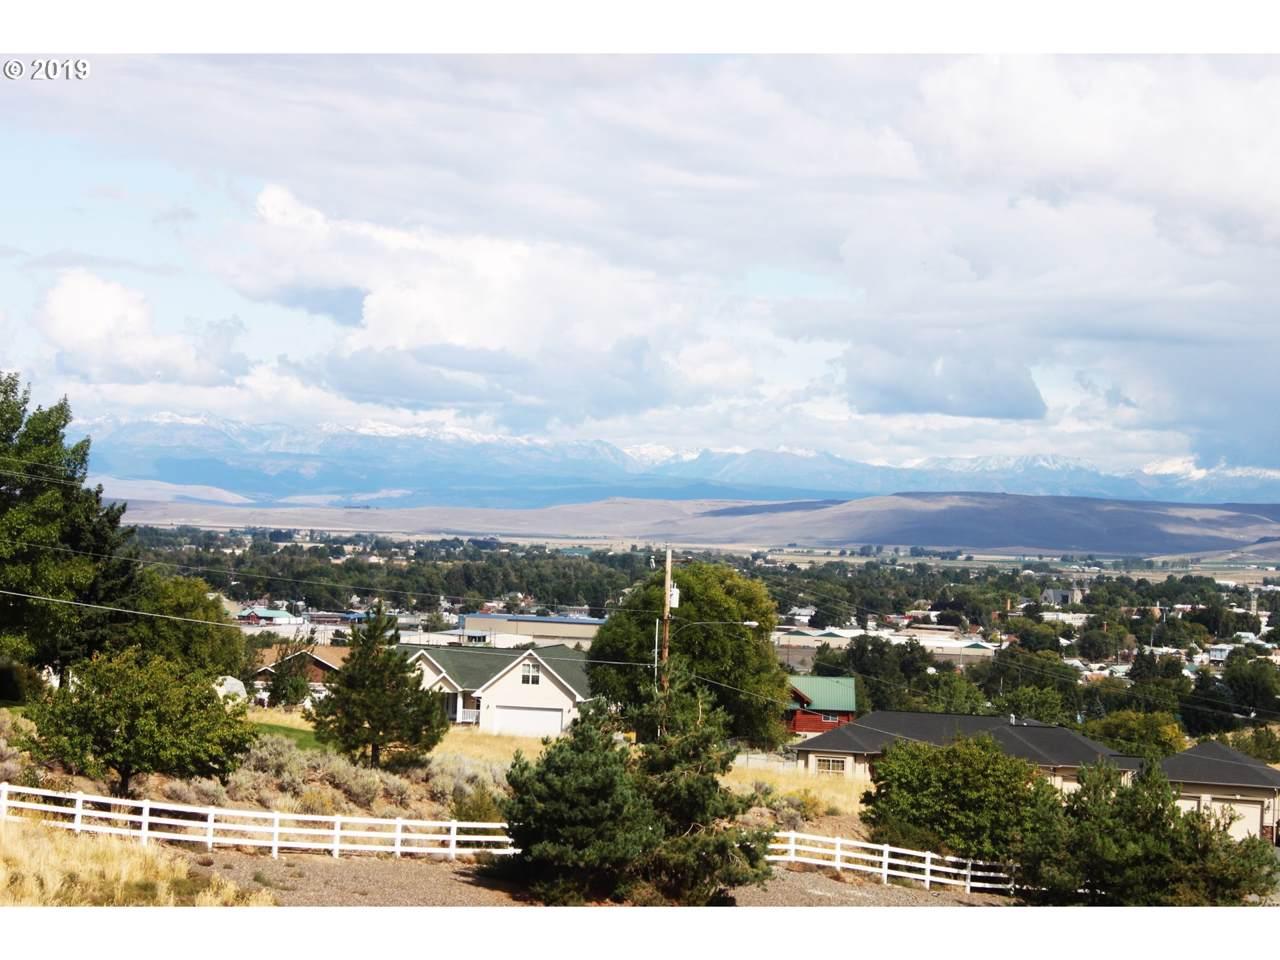 0 Scenic Vista Lot 7 - Photo 1